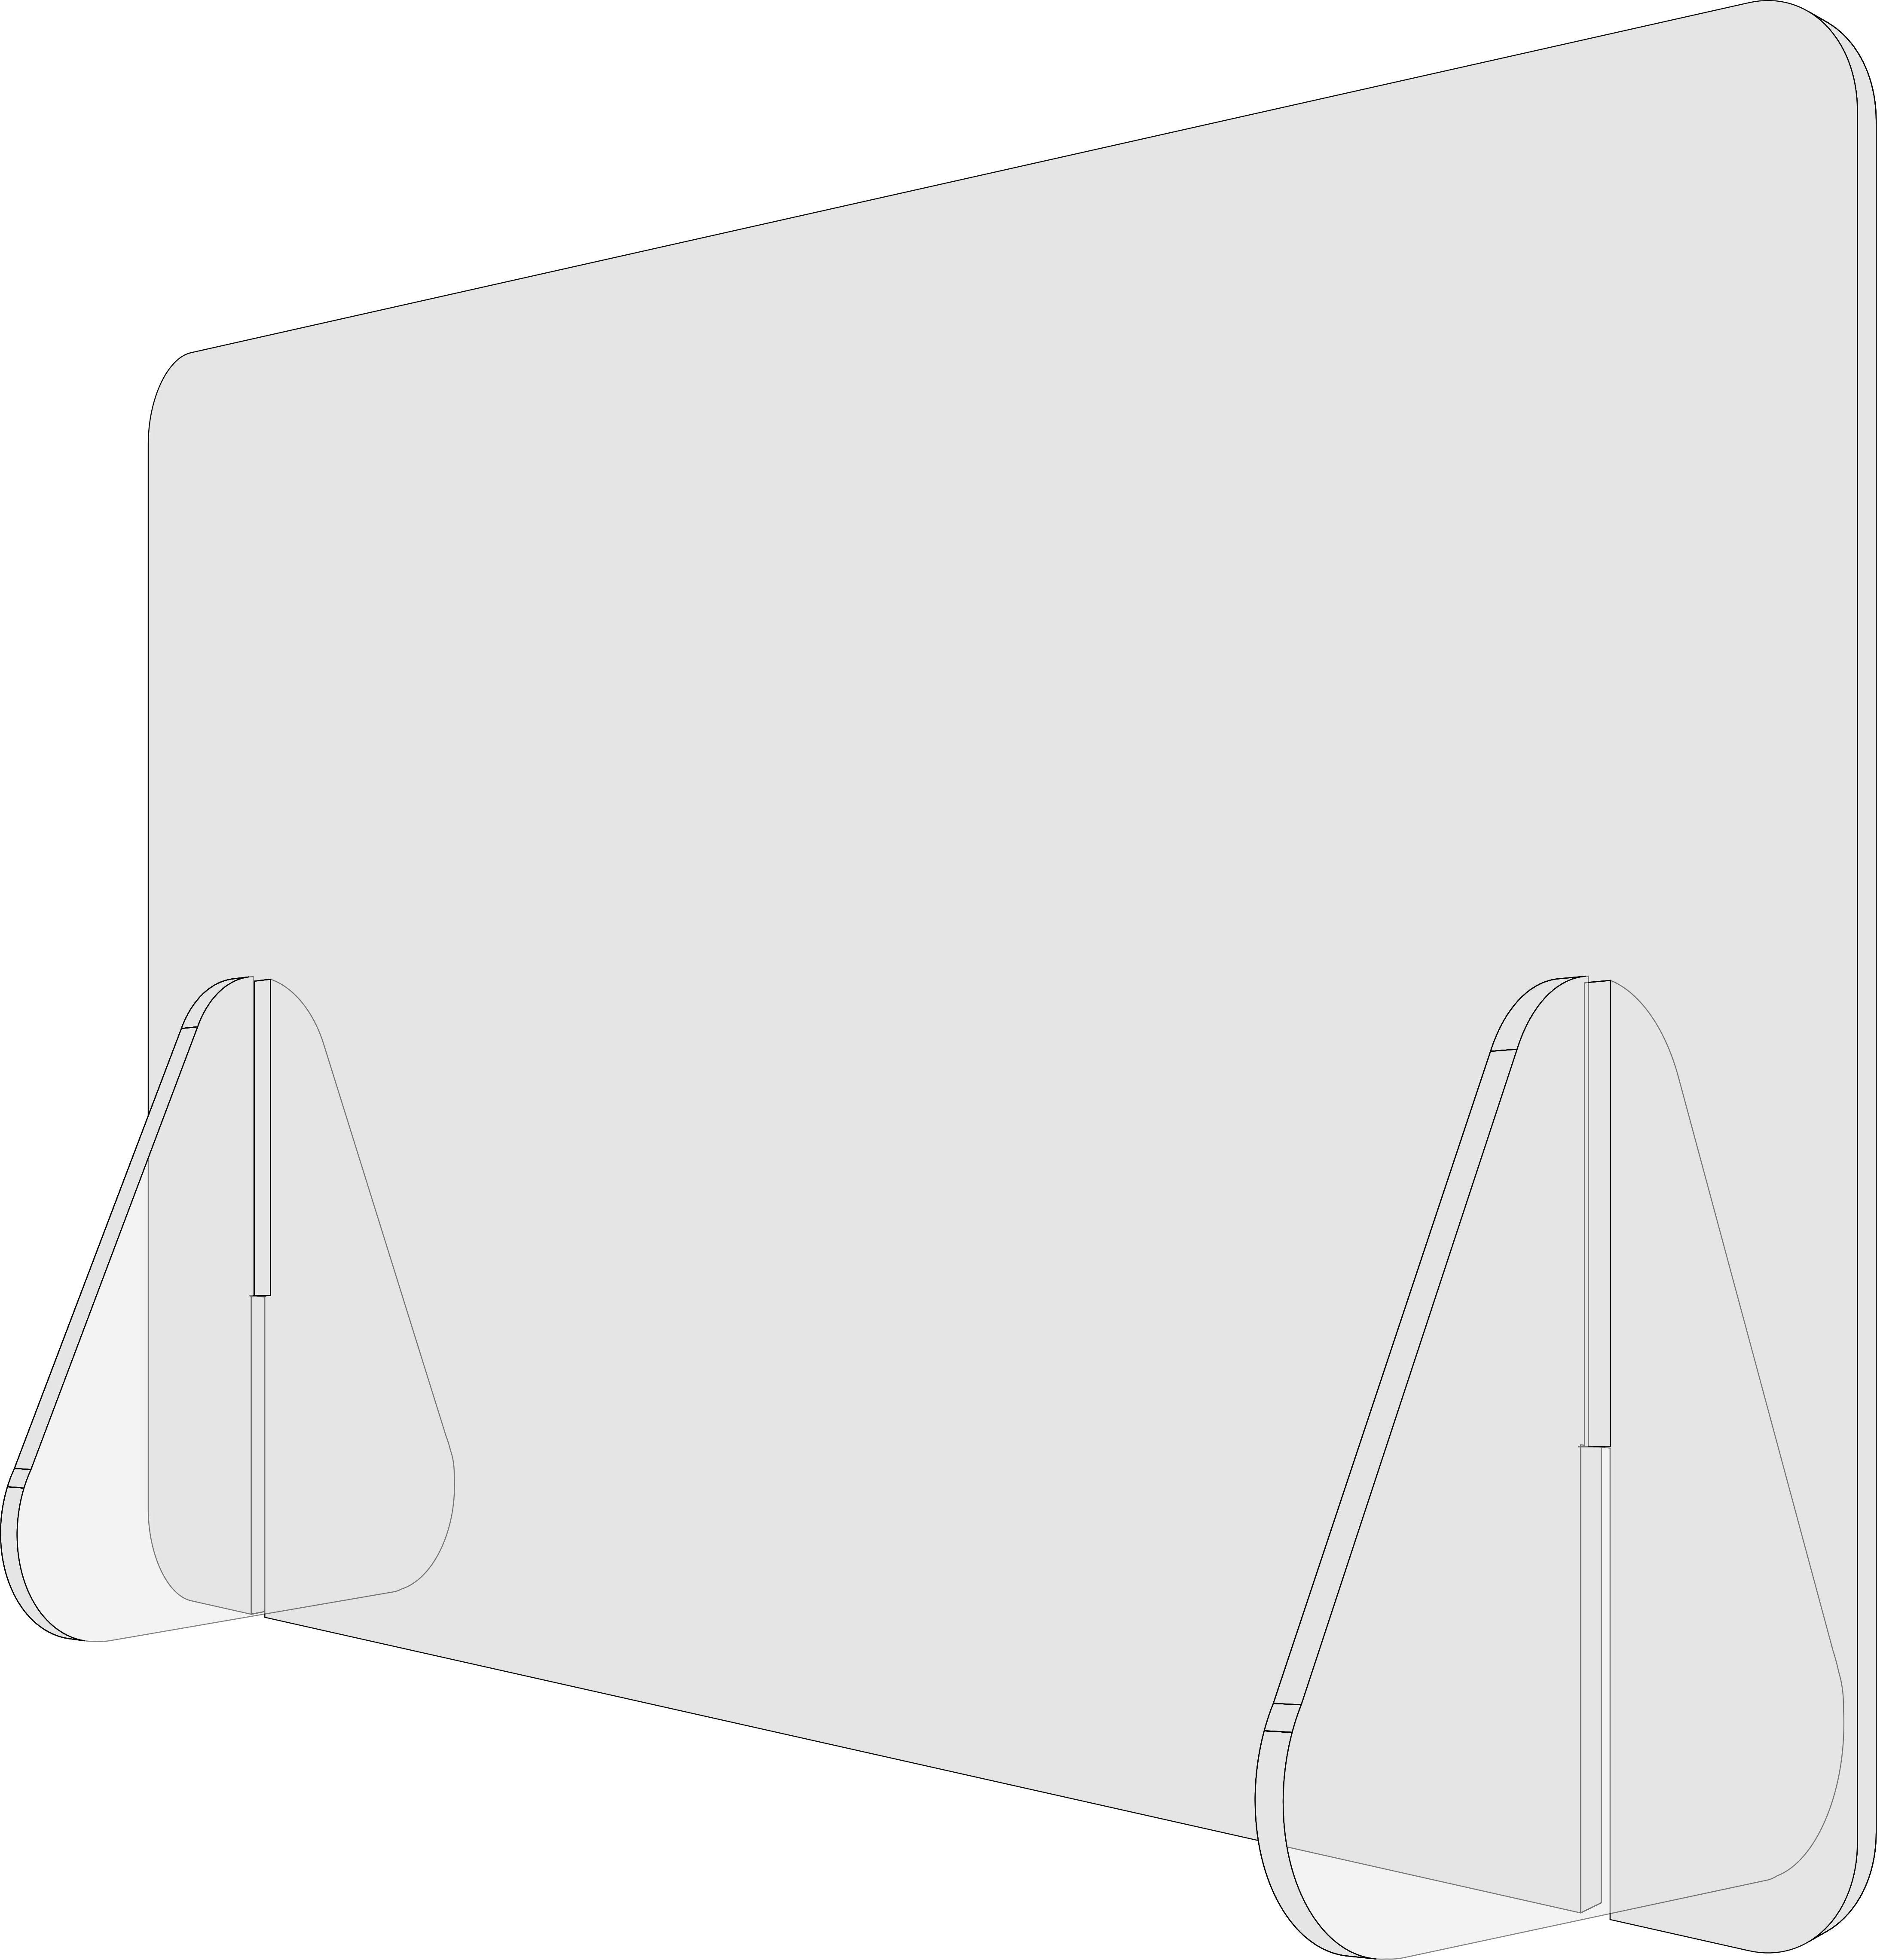 Liquiprotect - Schutzwand 500x300